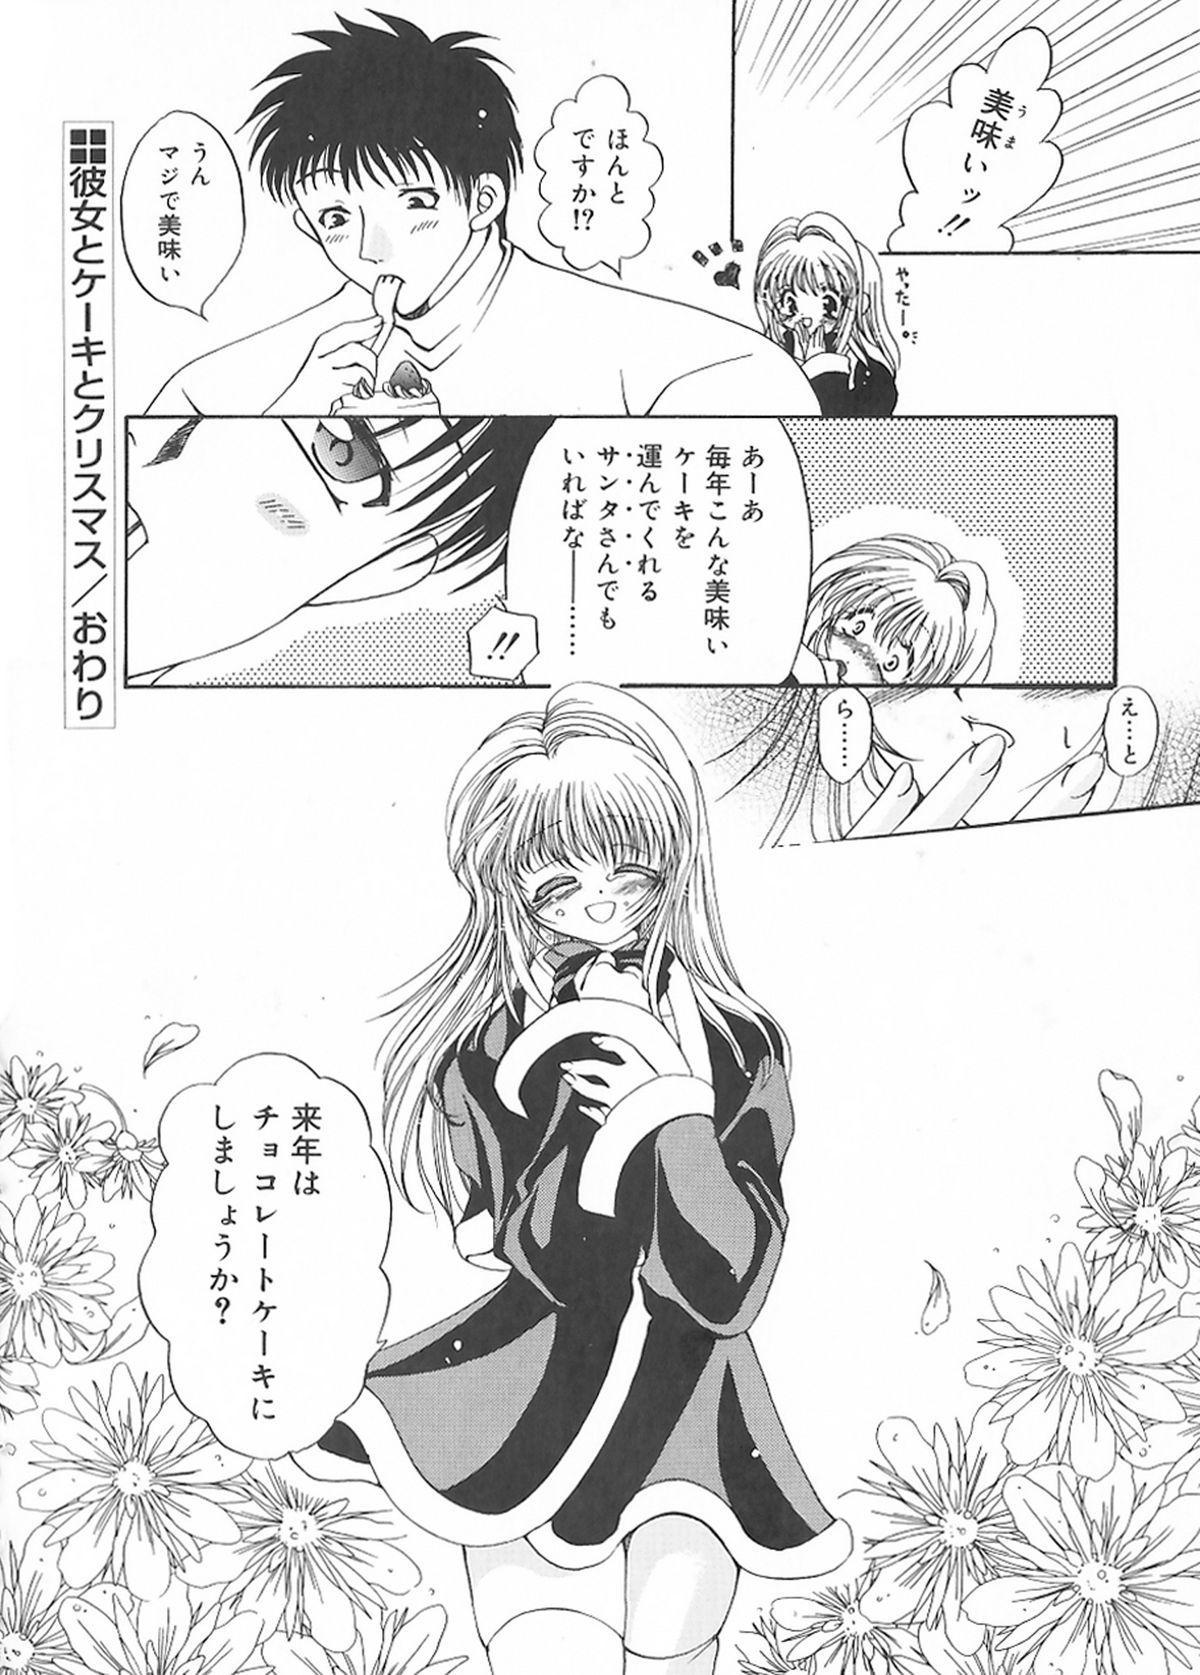 Cream Tengoku - Shinsouban 193